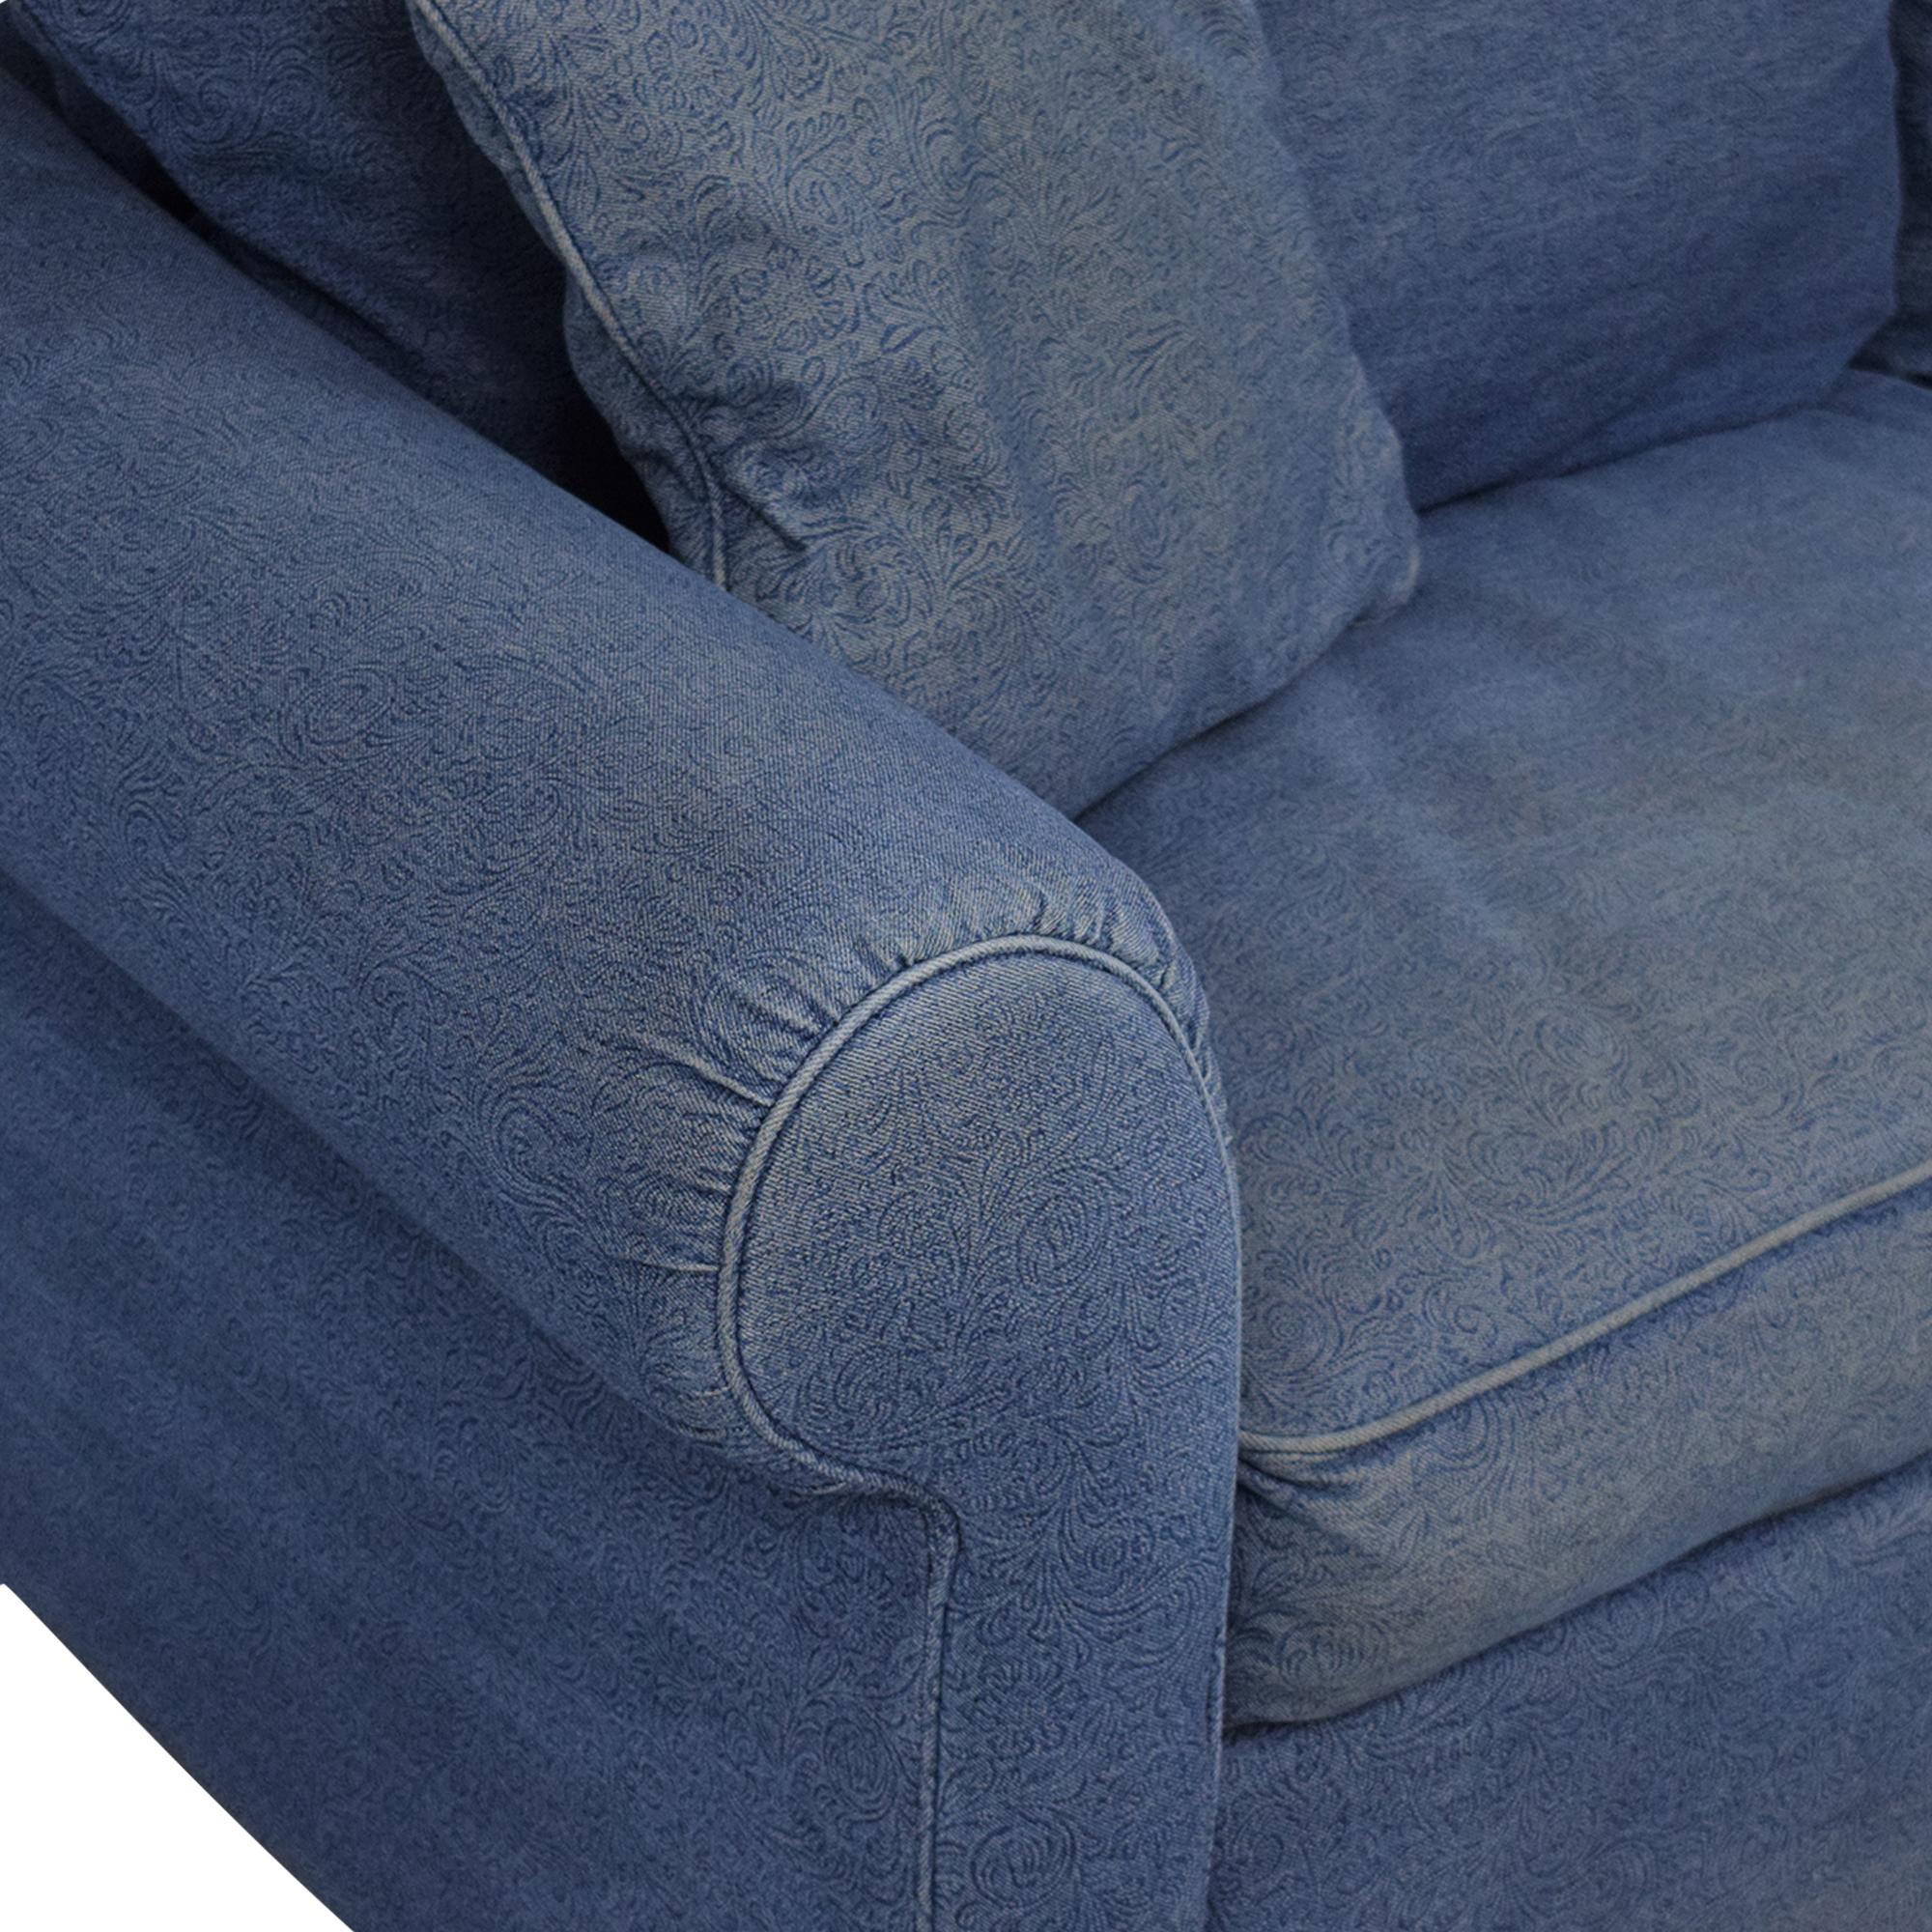 Leggett & Platt Leggett & Platt Denim Queen Pull Out Sofa on sale